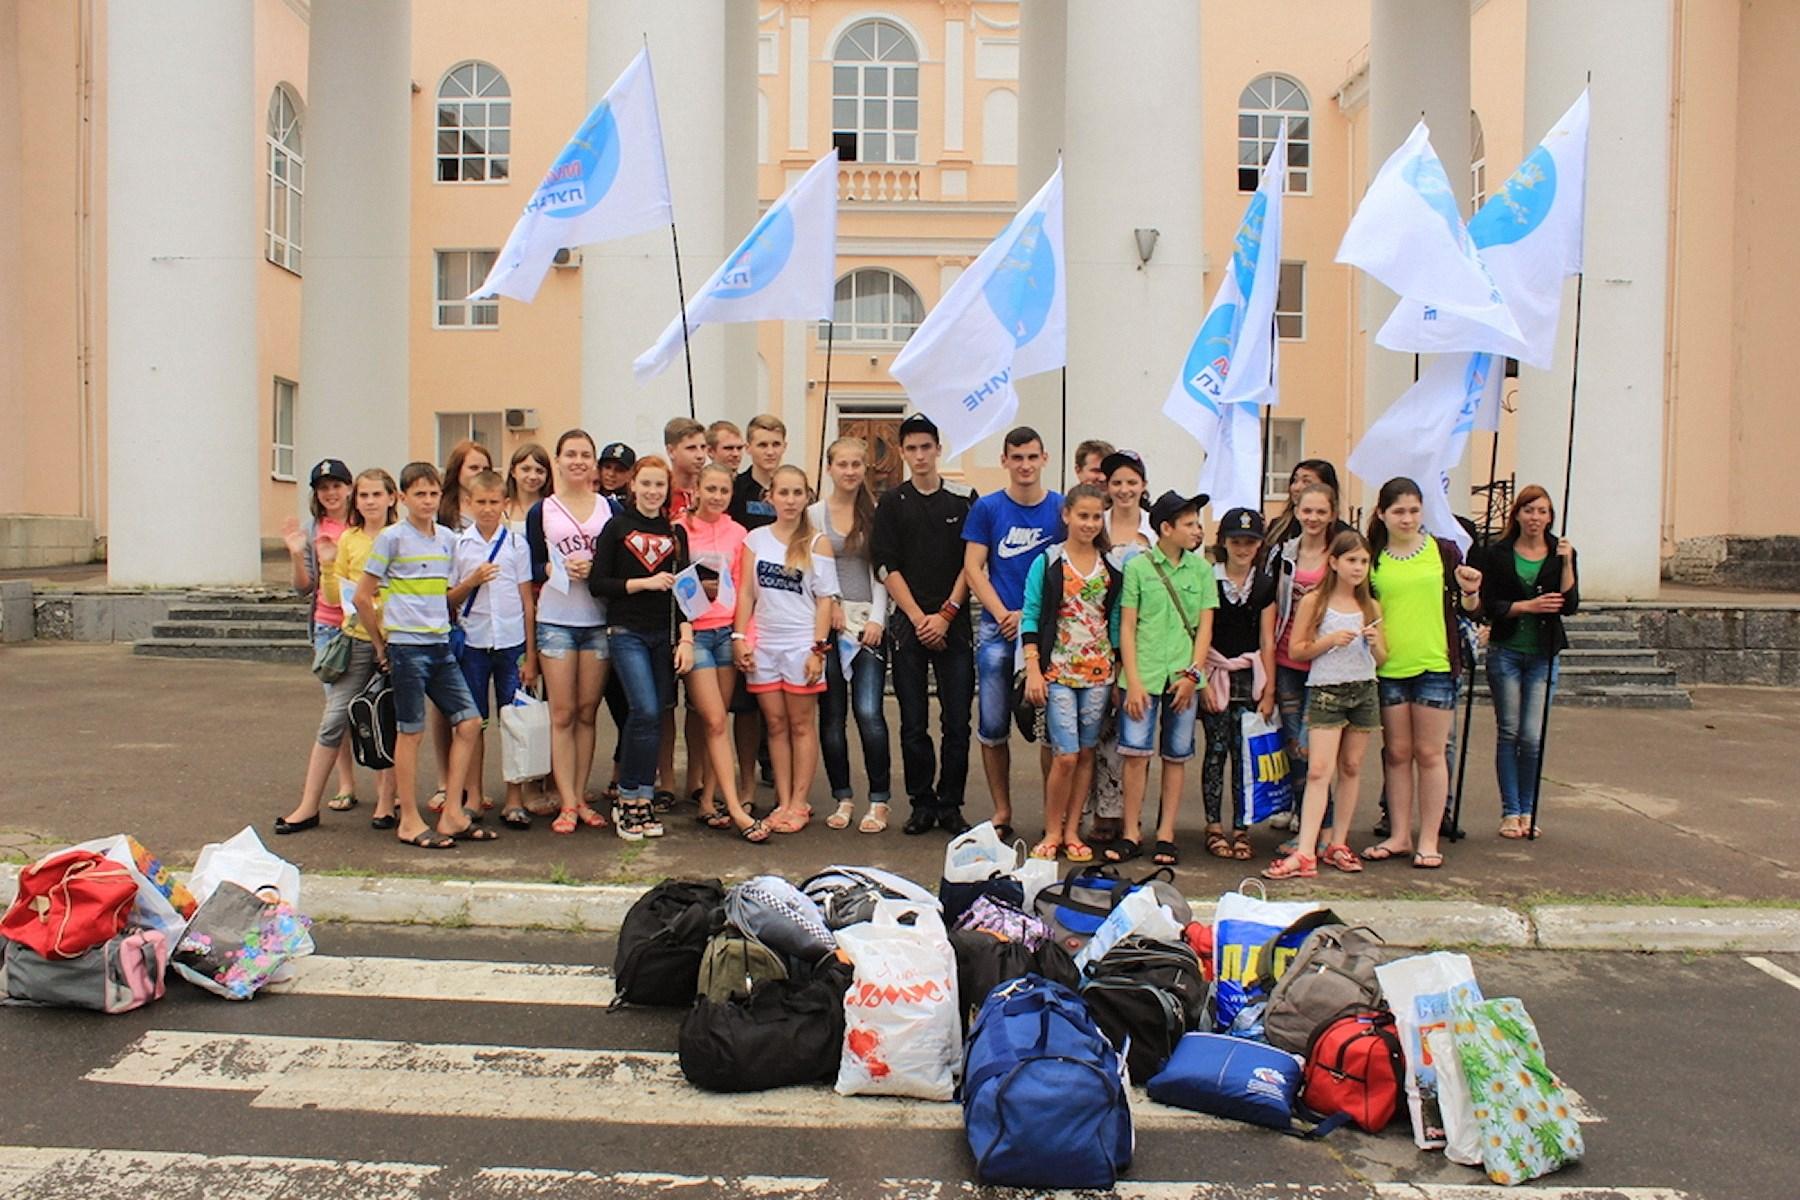 00 lugansk pr. lnr. lugansk kids in moscow 01. 260615